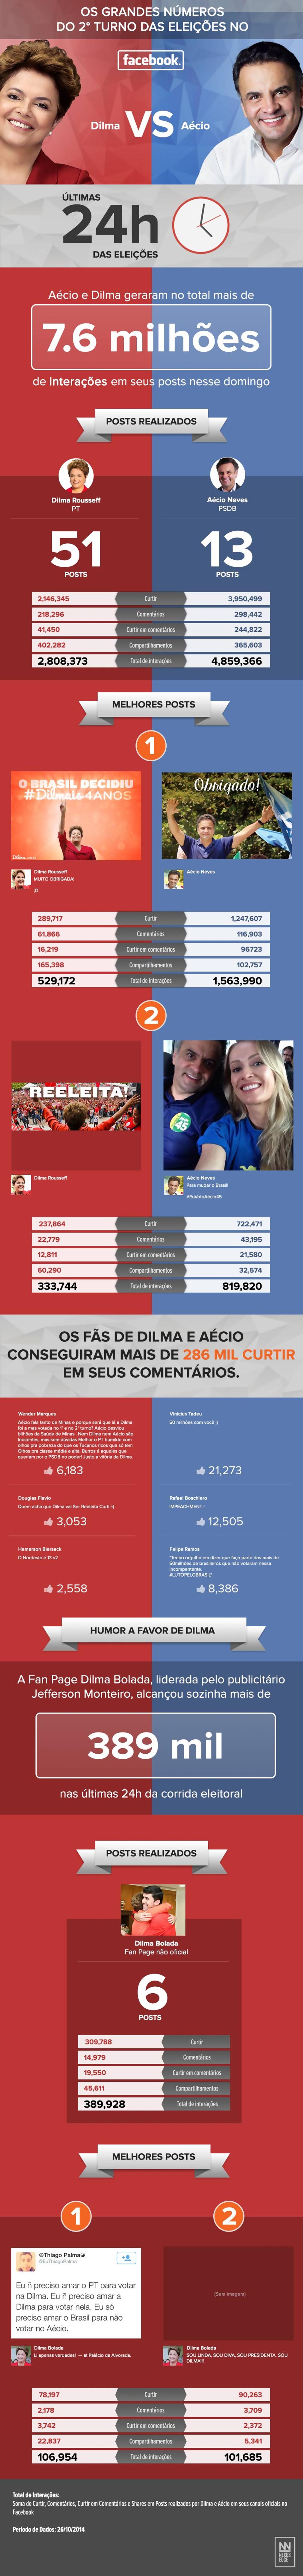 Eleições 2014: infográfico mostra números do Facebook durante o domingo